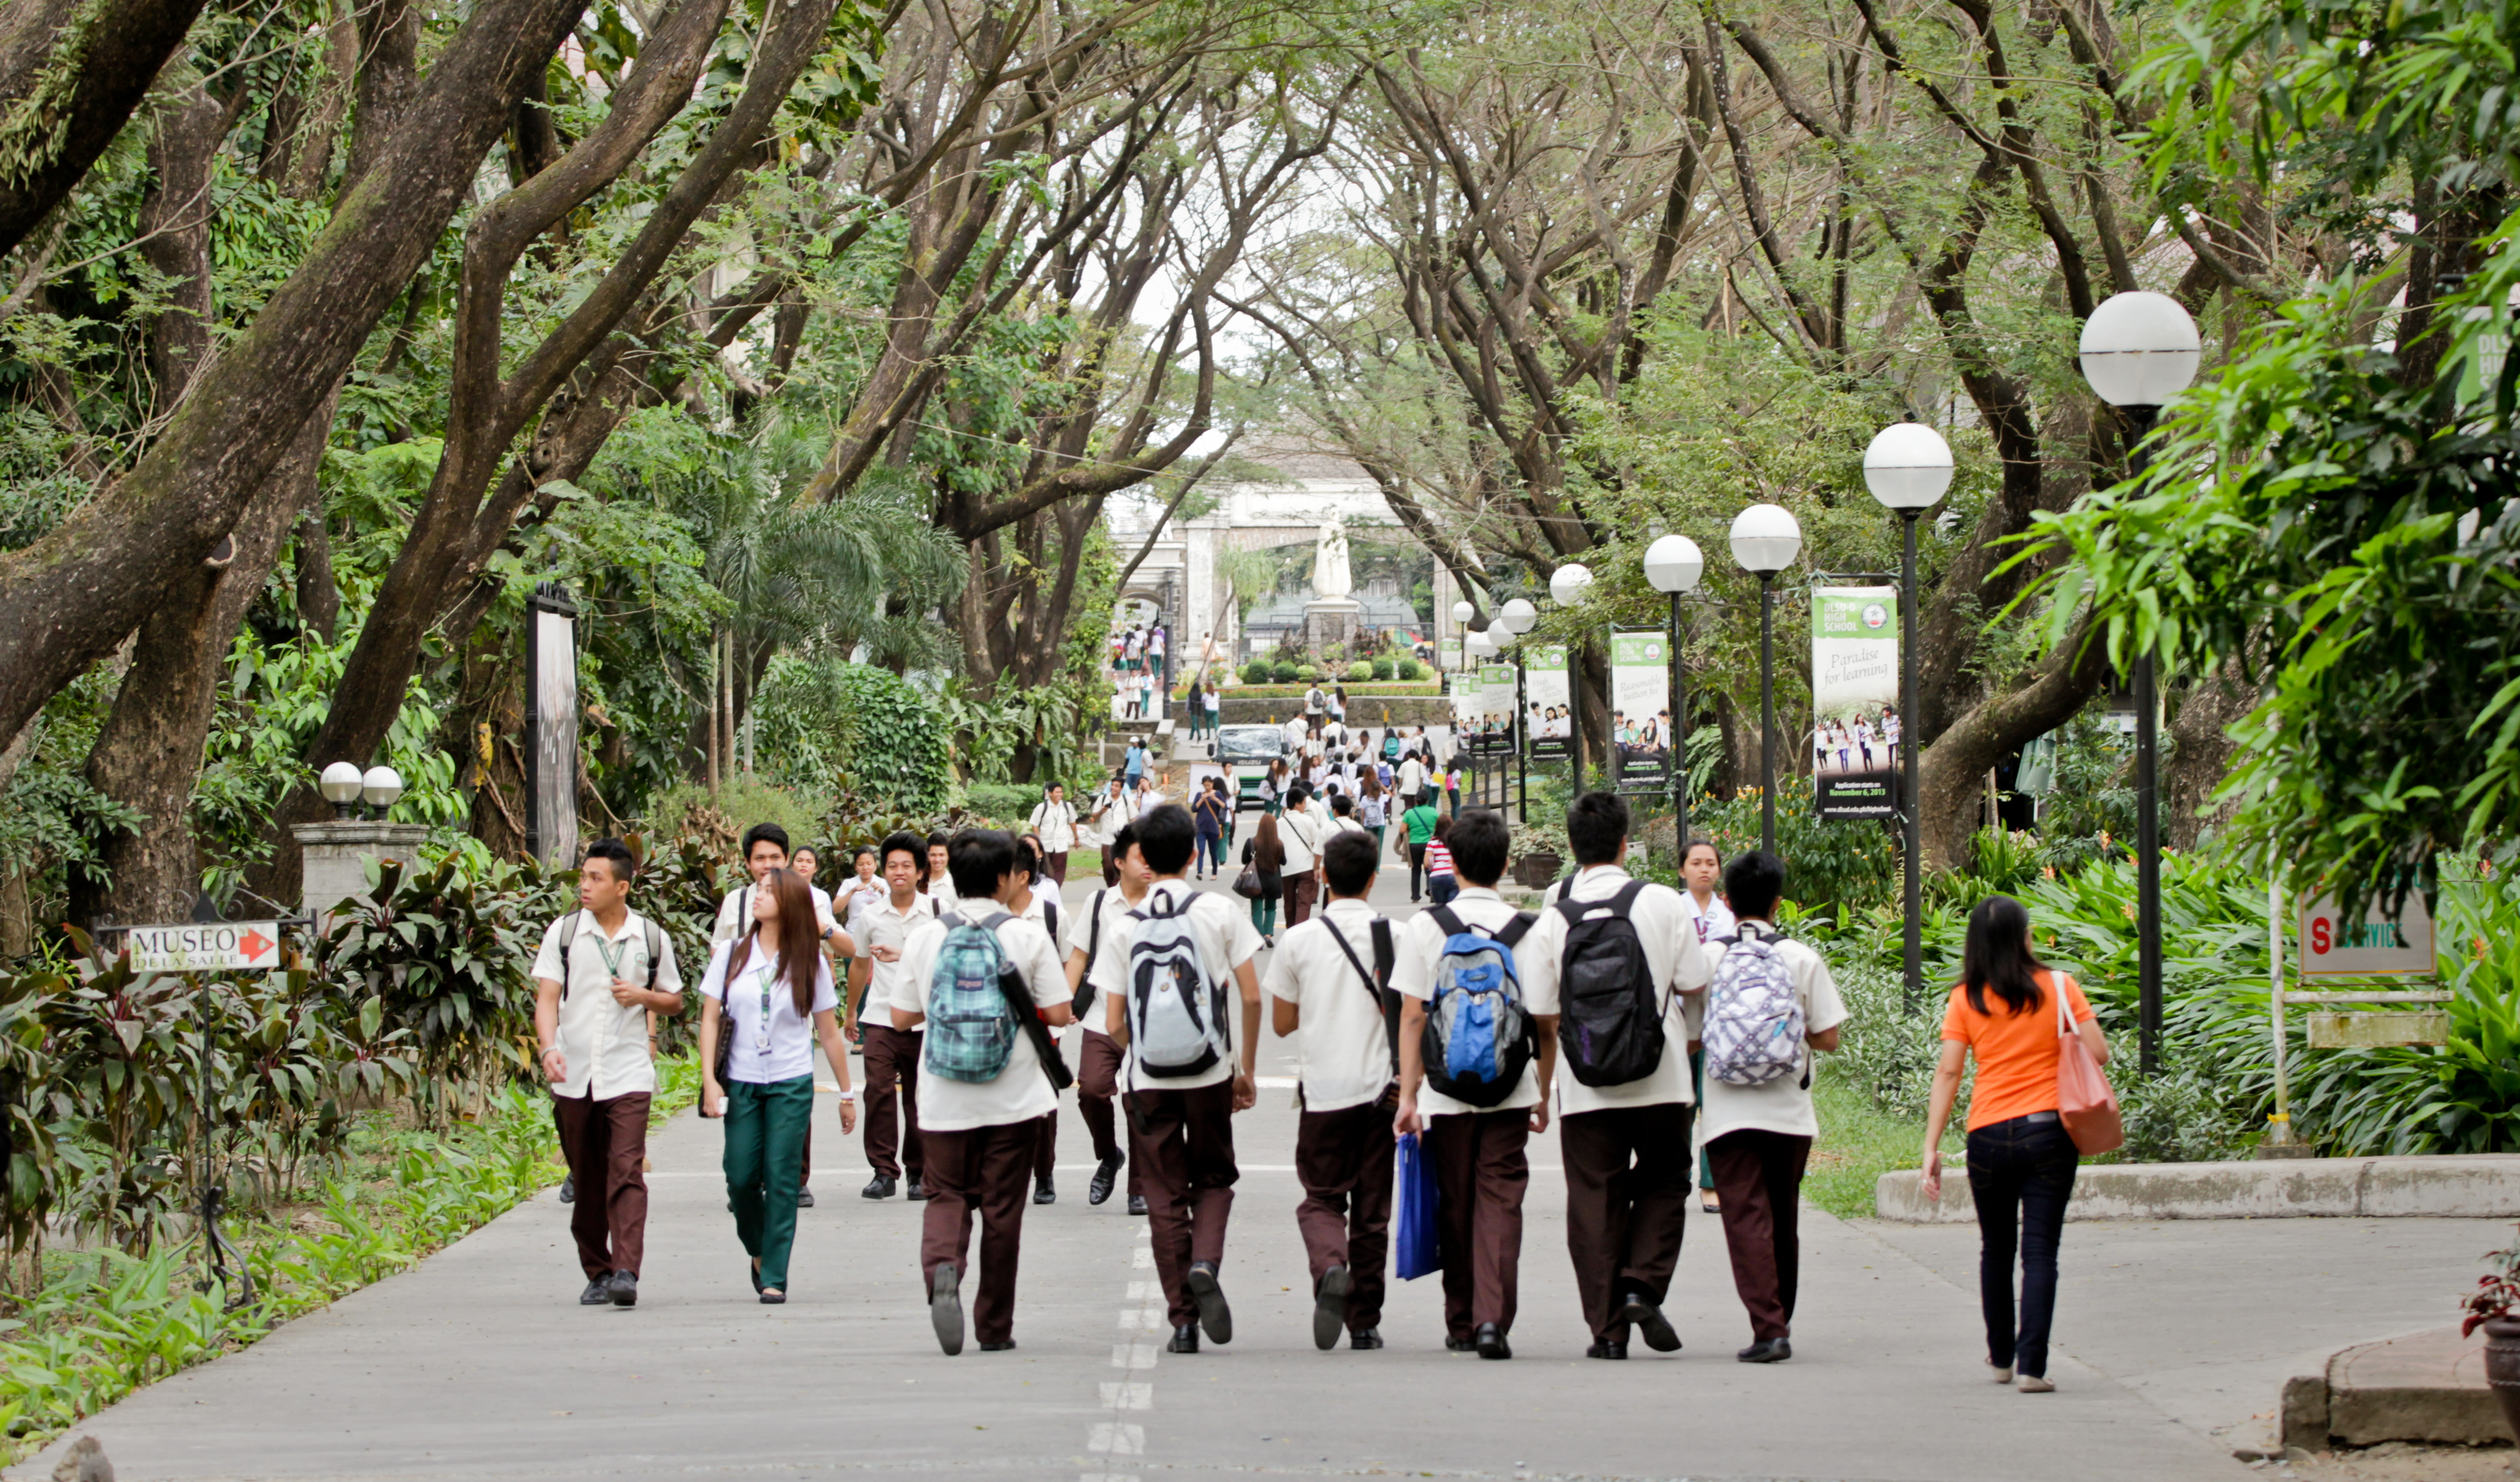 Lake Avenue (East Campus)